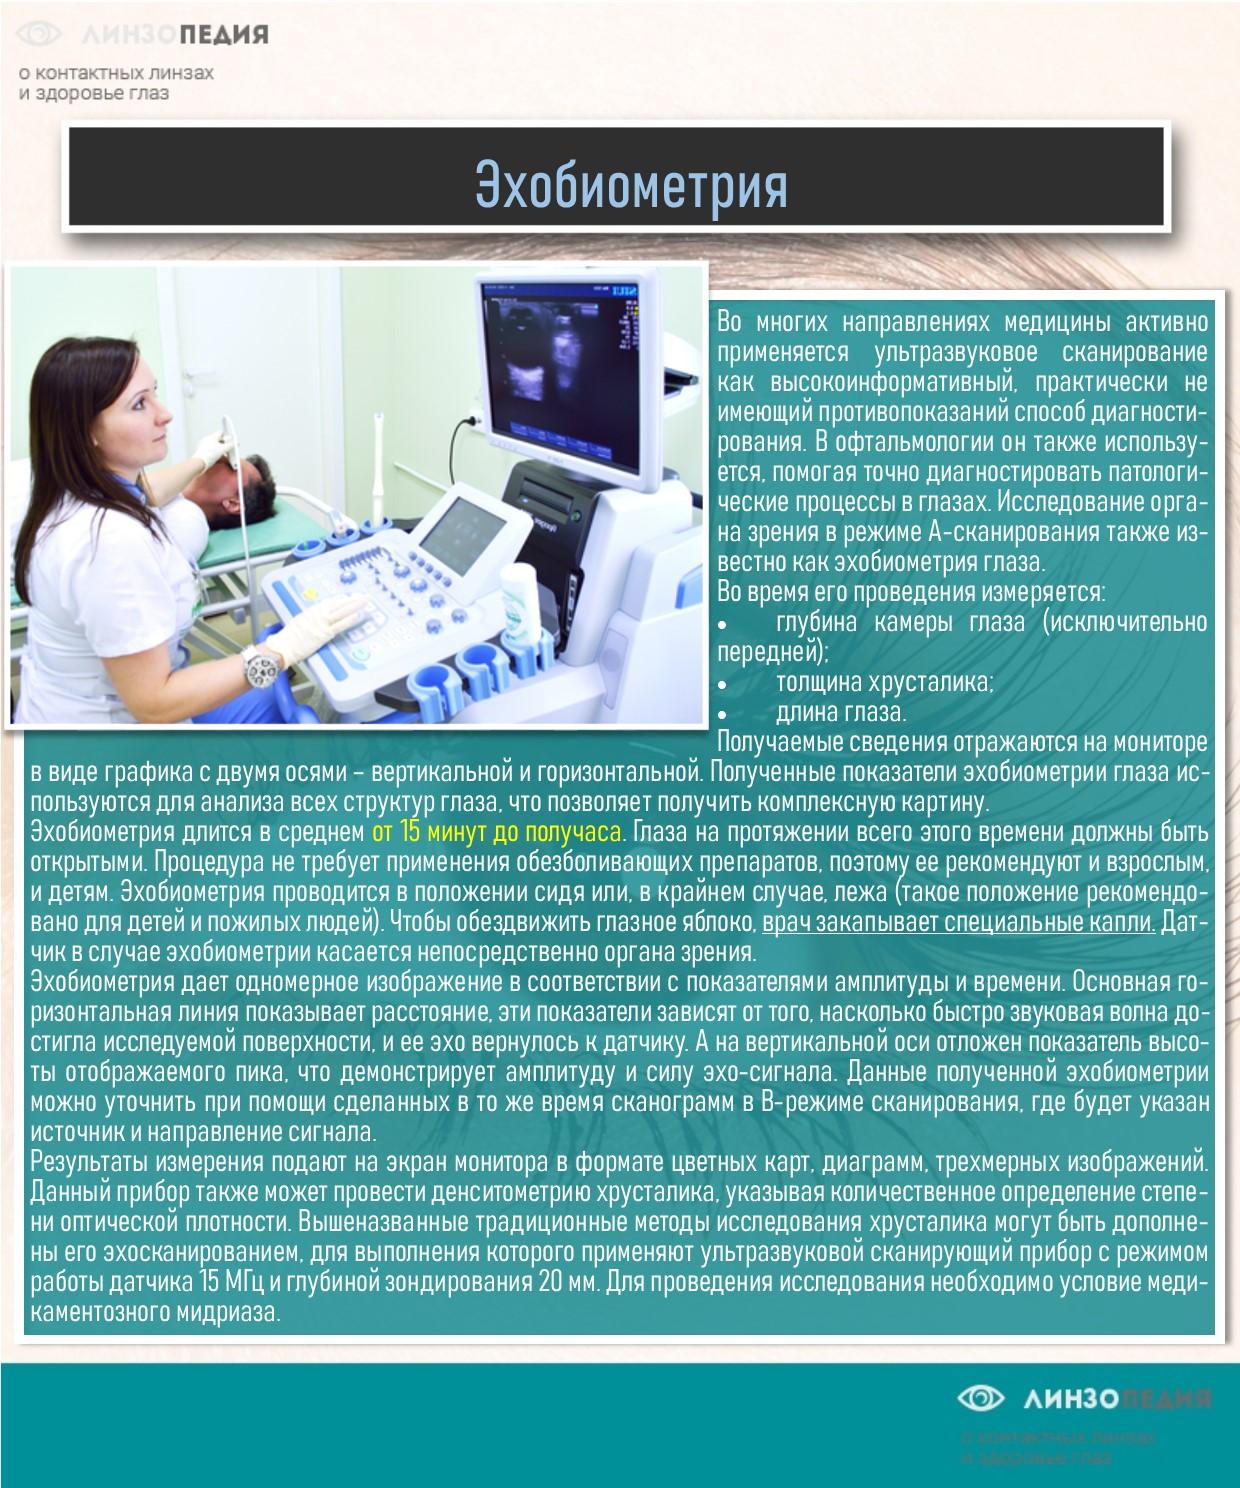 Эхобиометрия